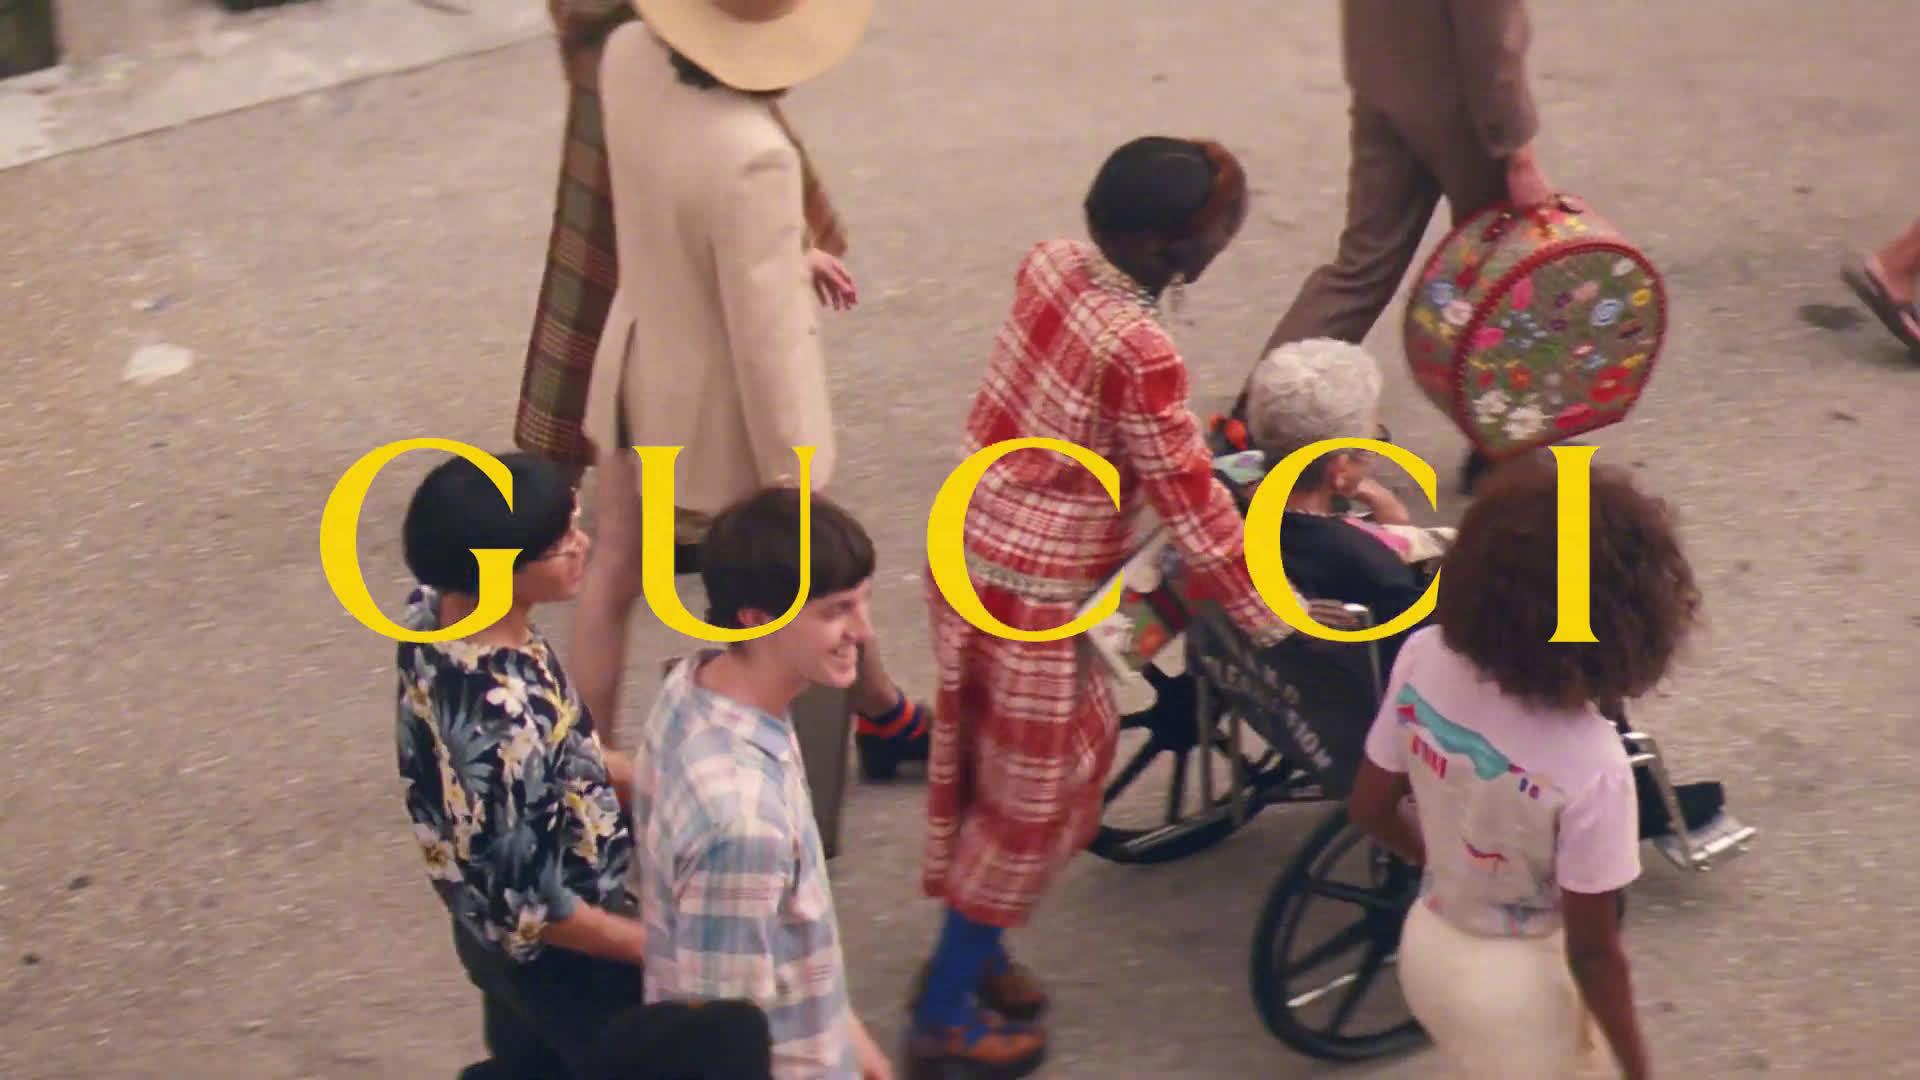 GUCCI Holiday 2019 | 今年的 GUCCI 圣诞季广告短片释出